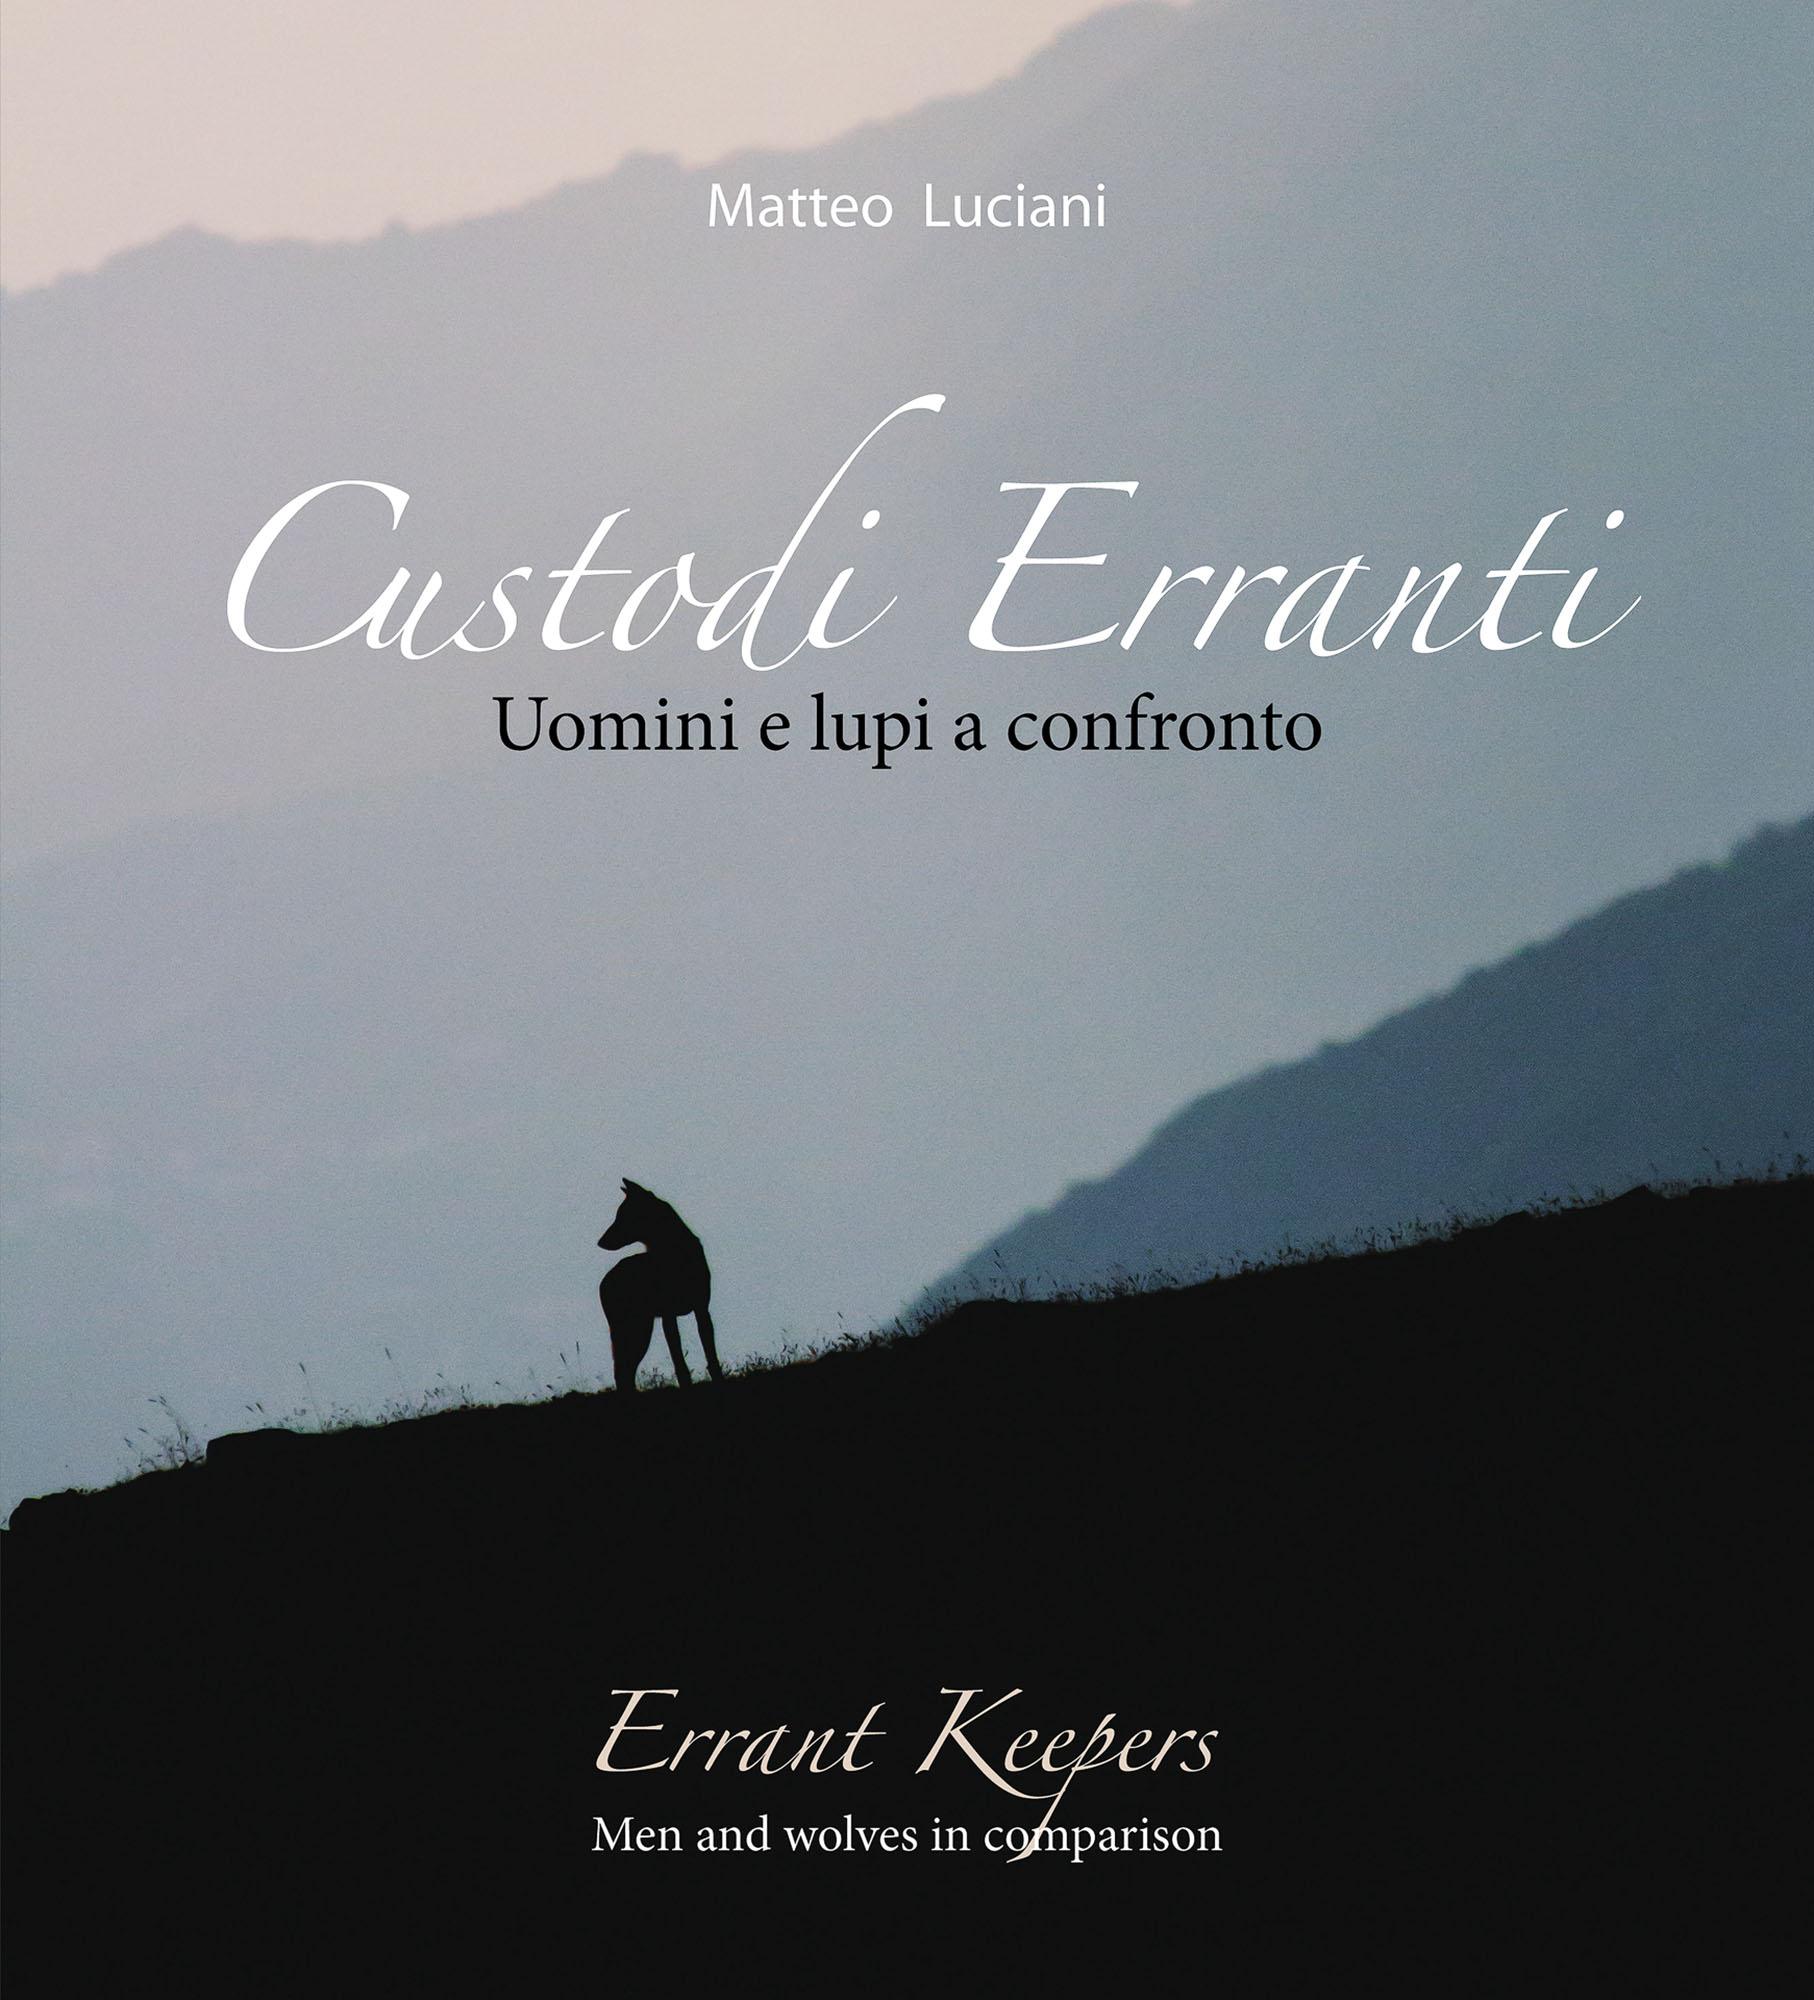 https://www.matteoluciani.com